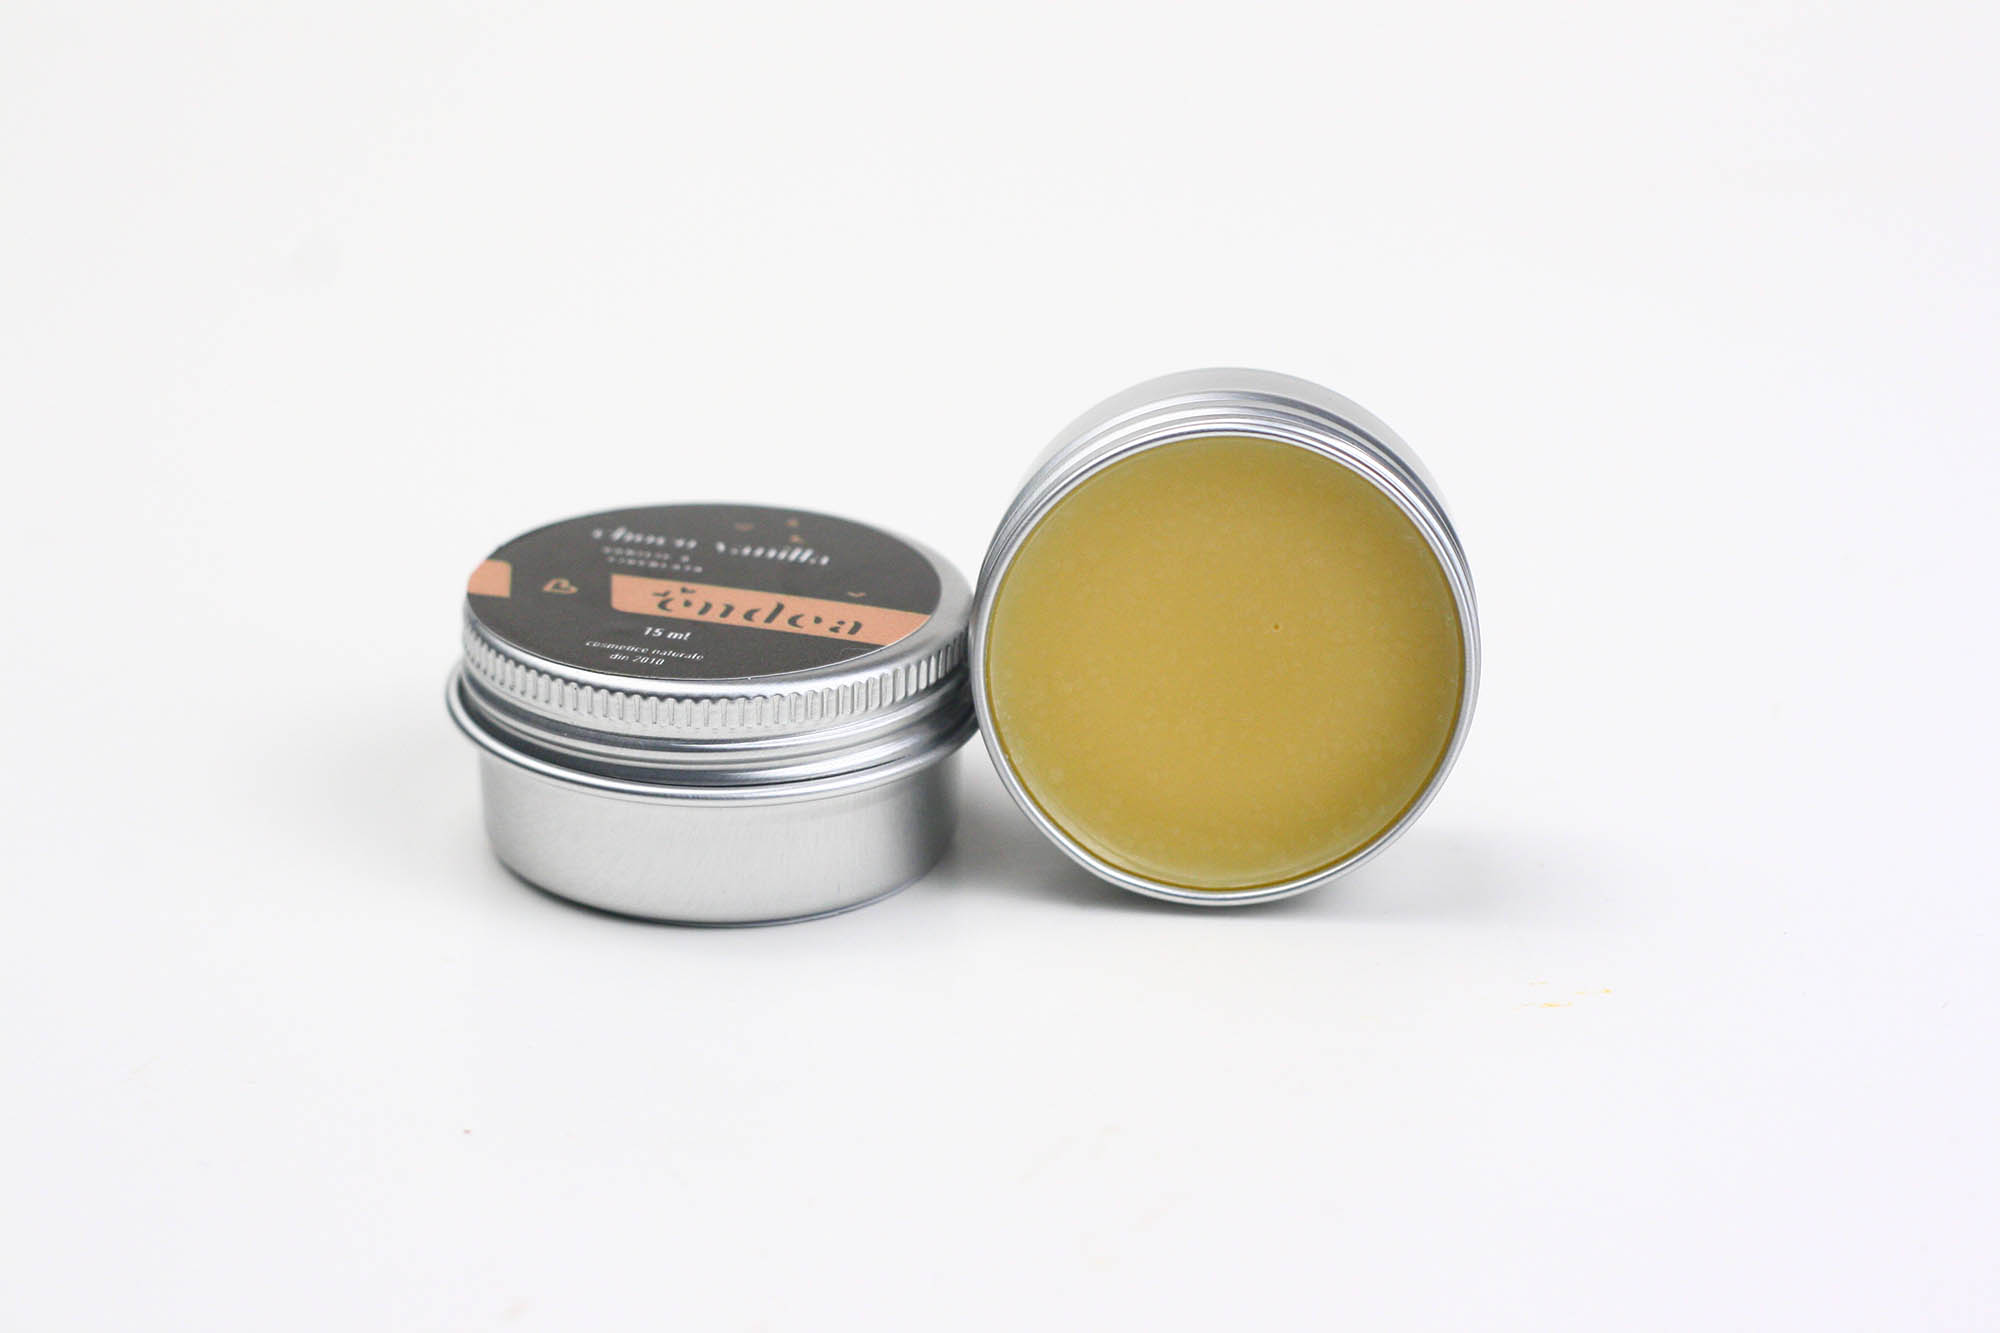 Balsam de buze natural cu vanilie & ciocolată - Choco Vanilla Balm - 15ml | Endea - Tested on friends